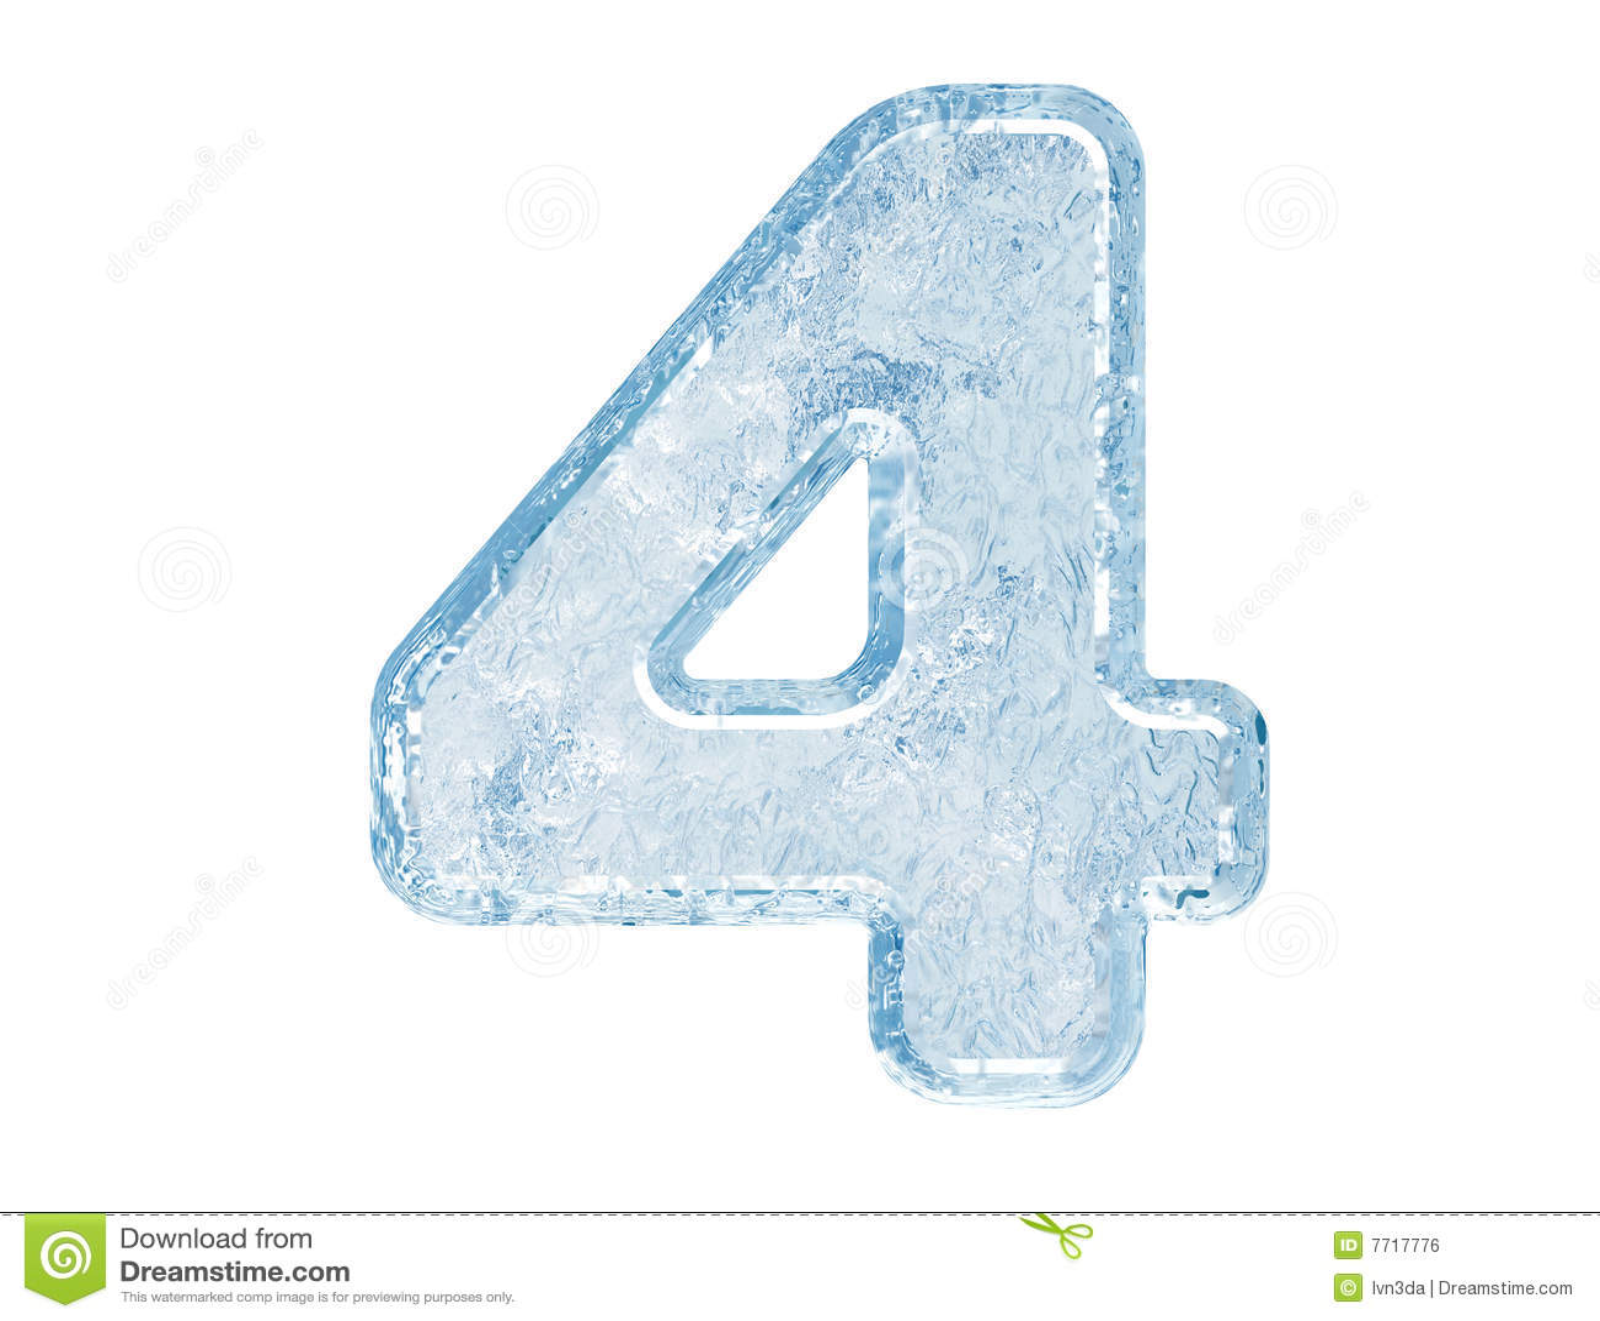 Fuente del hielo. Número cuatro